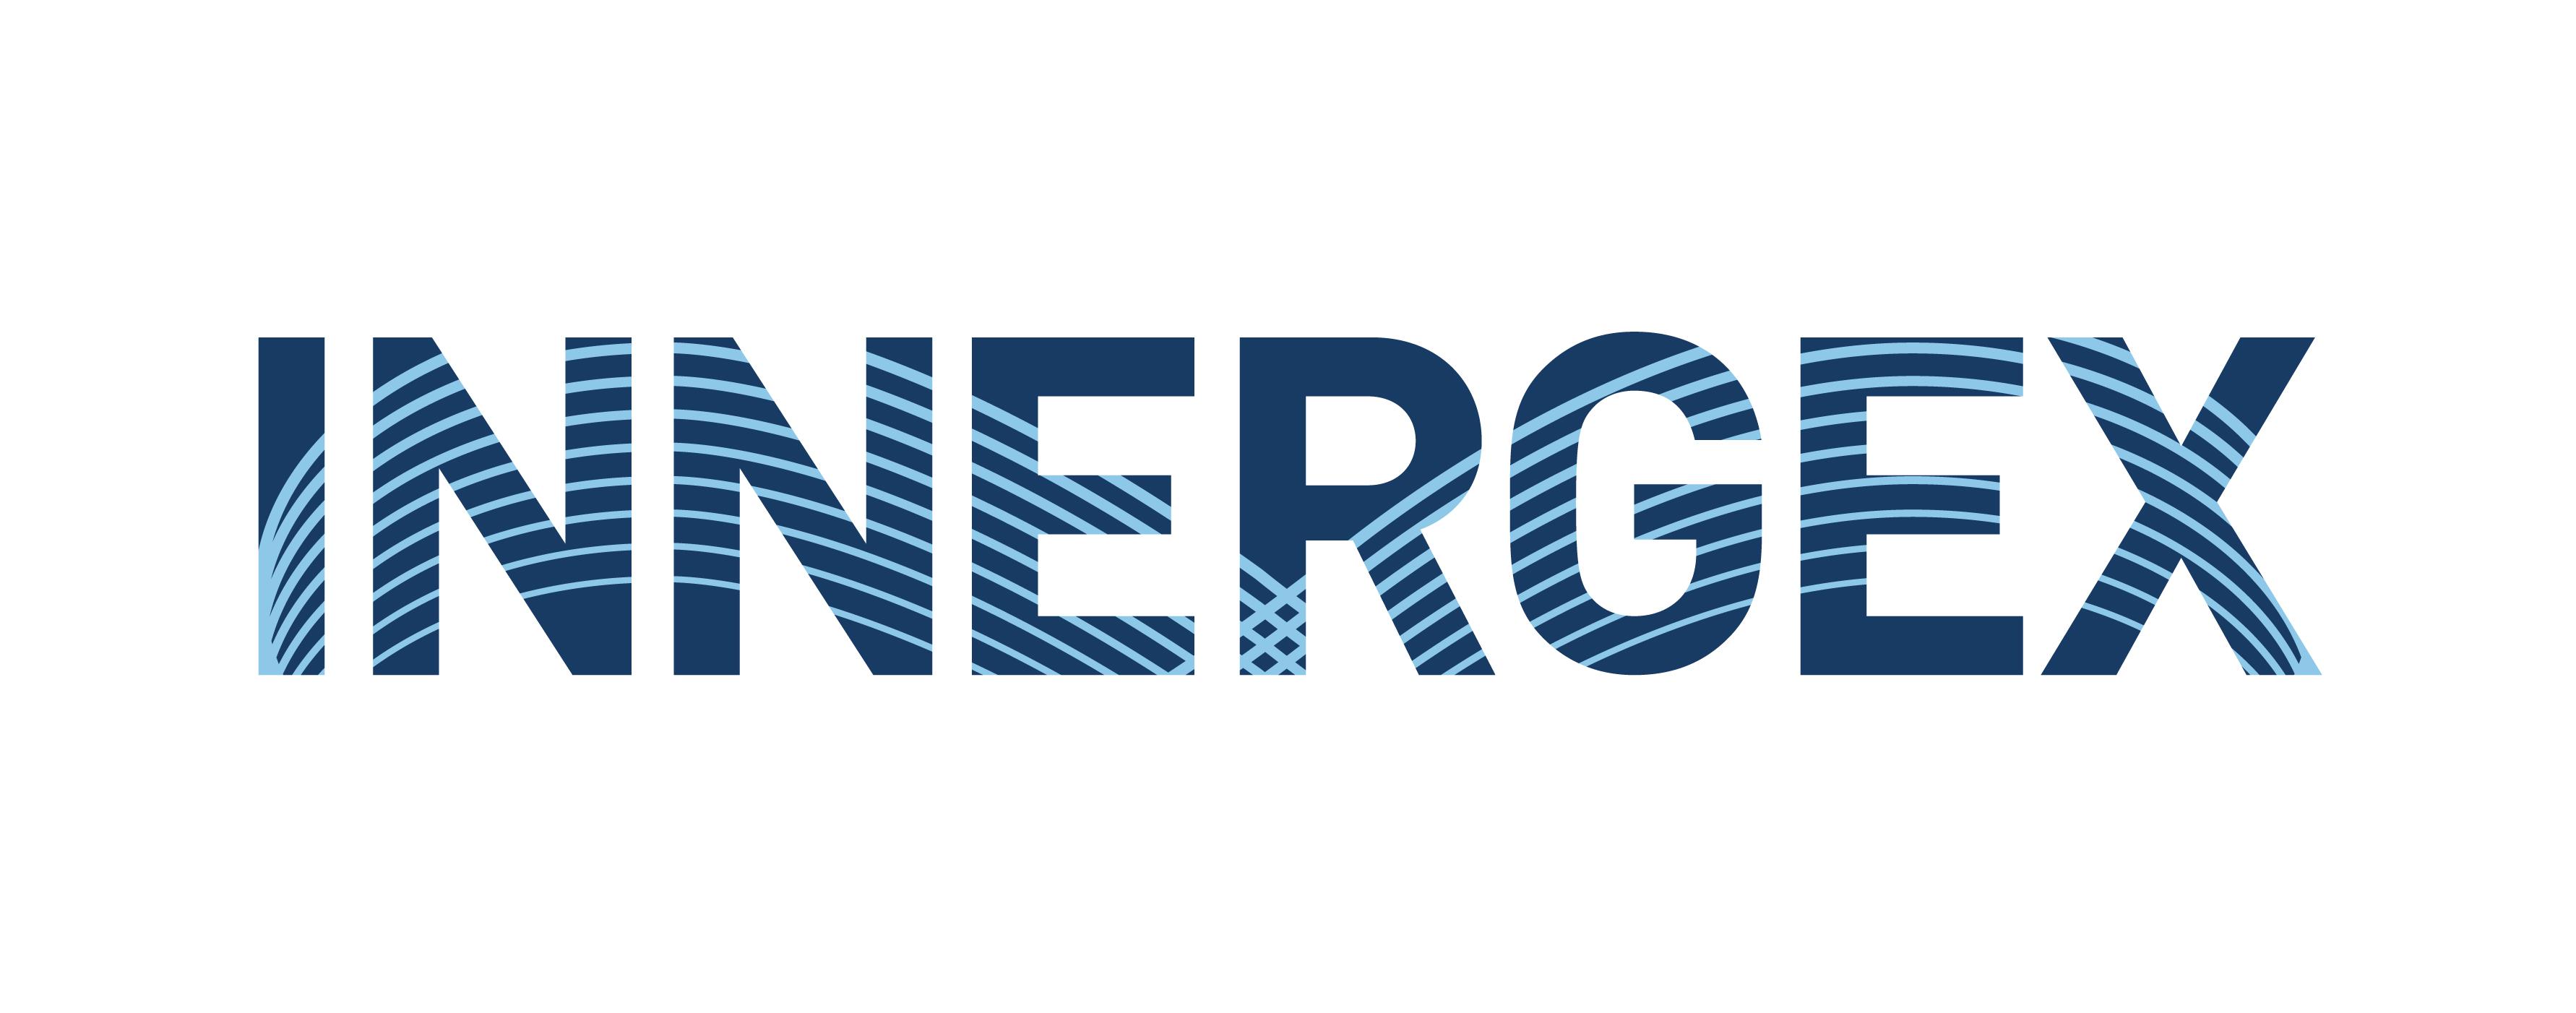 innergex-renewable-energy-company-logo